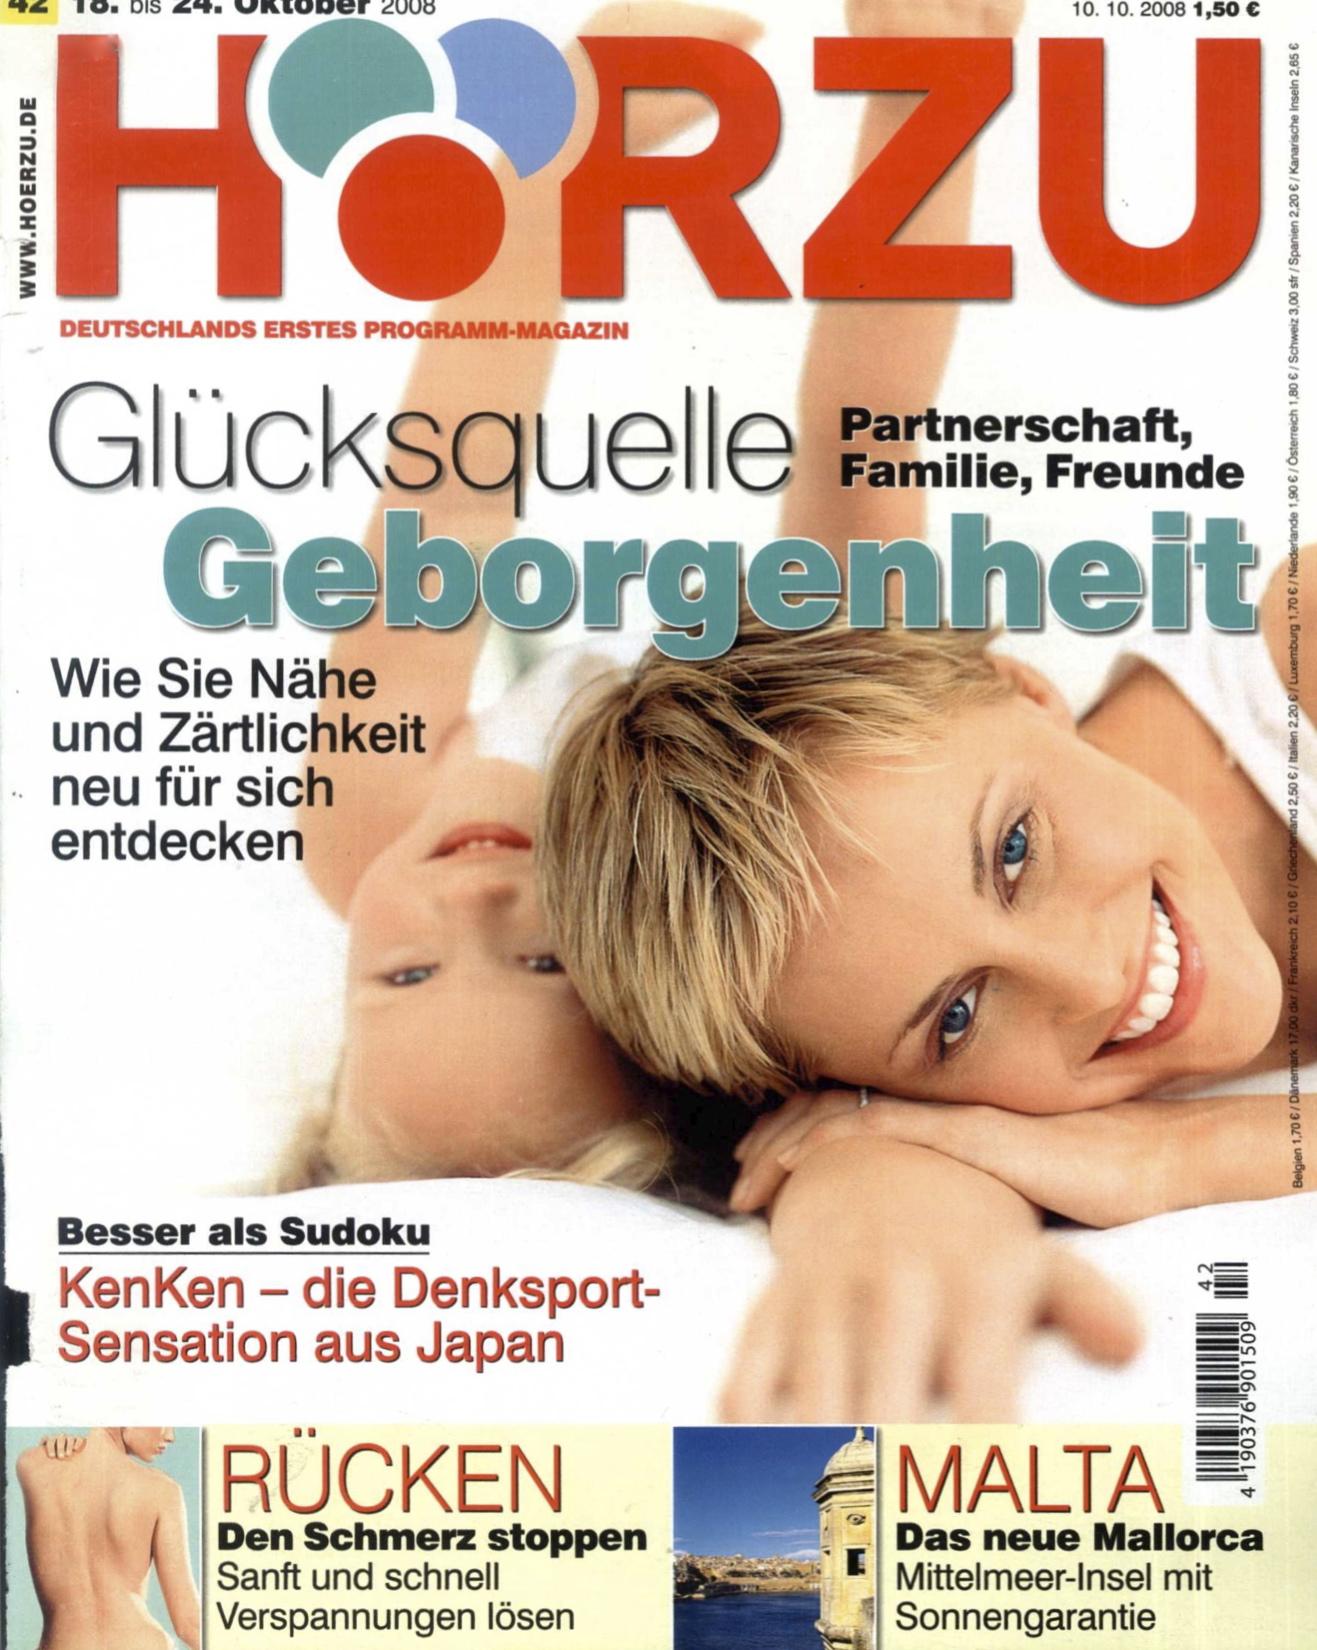 HZ_10.10.2008_Cover.jpg